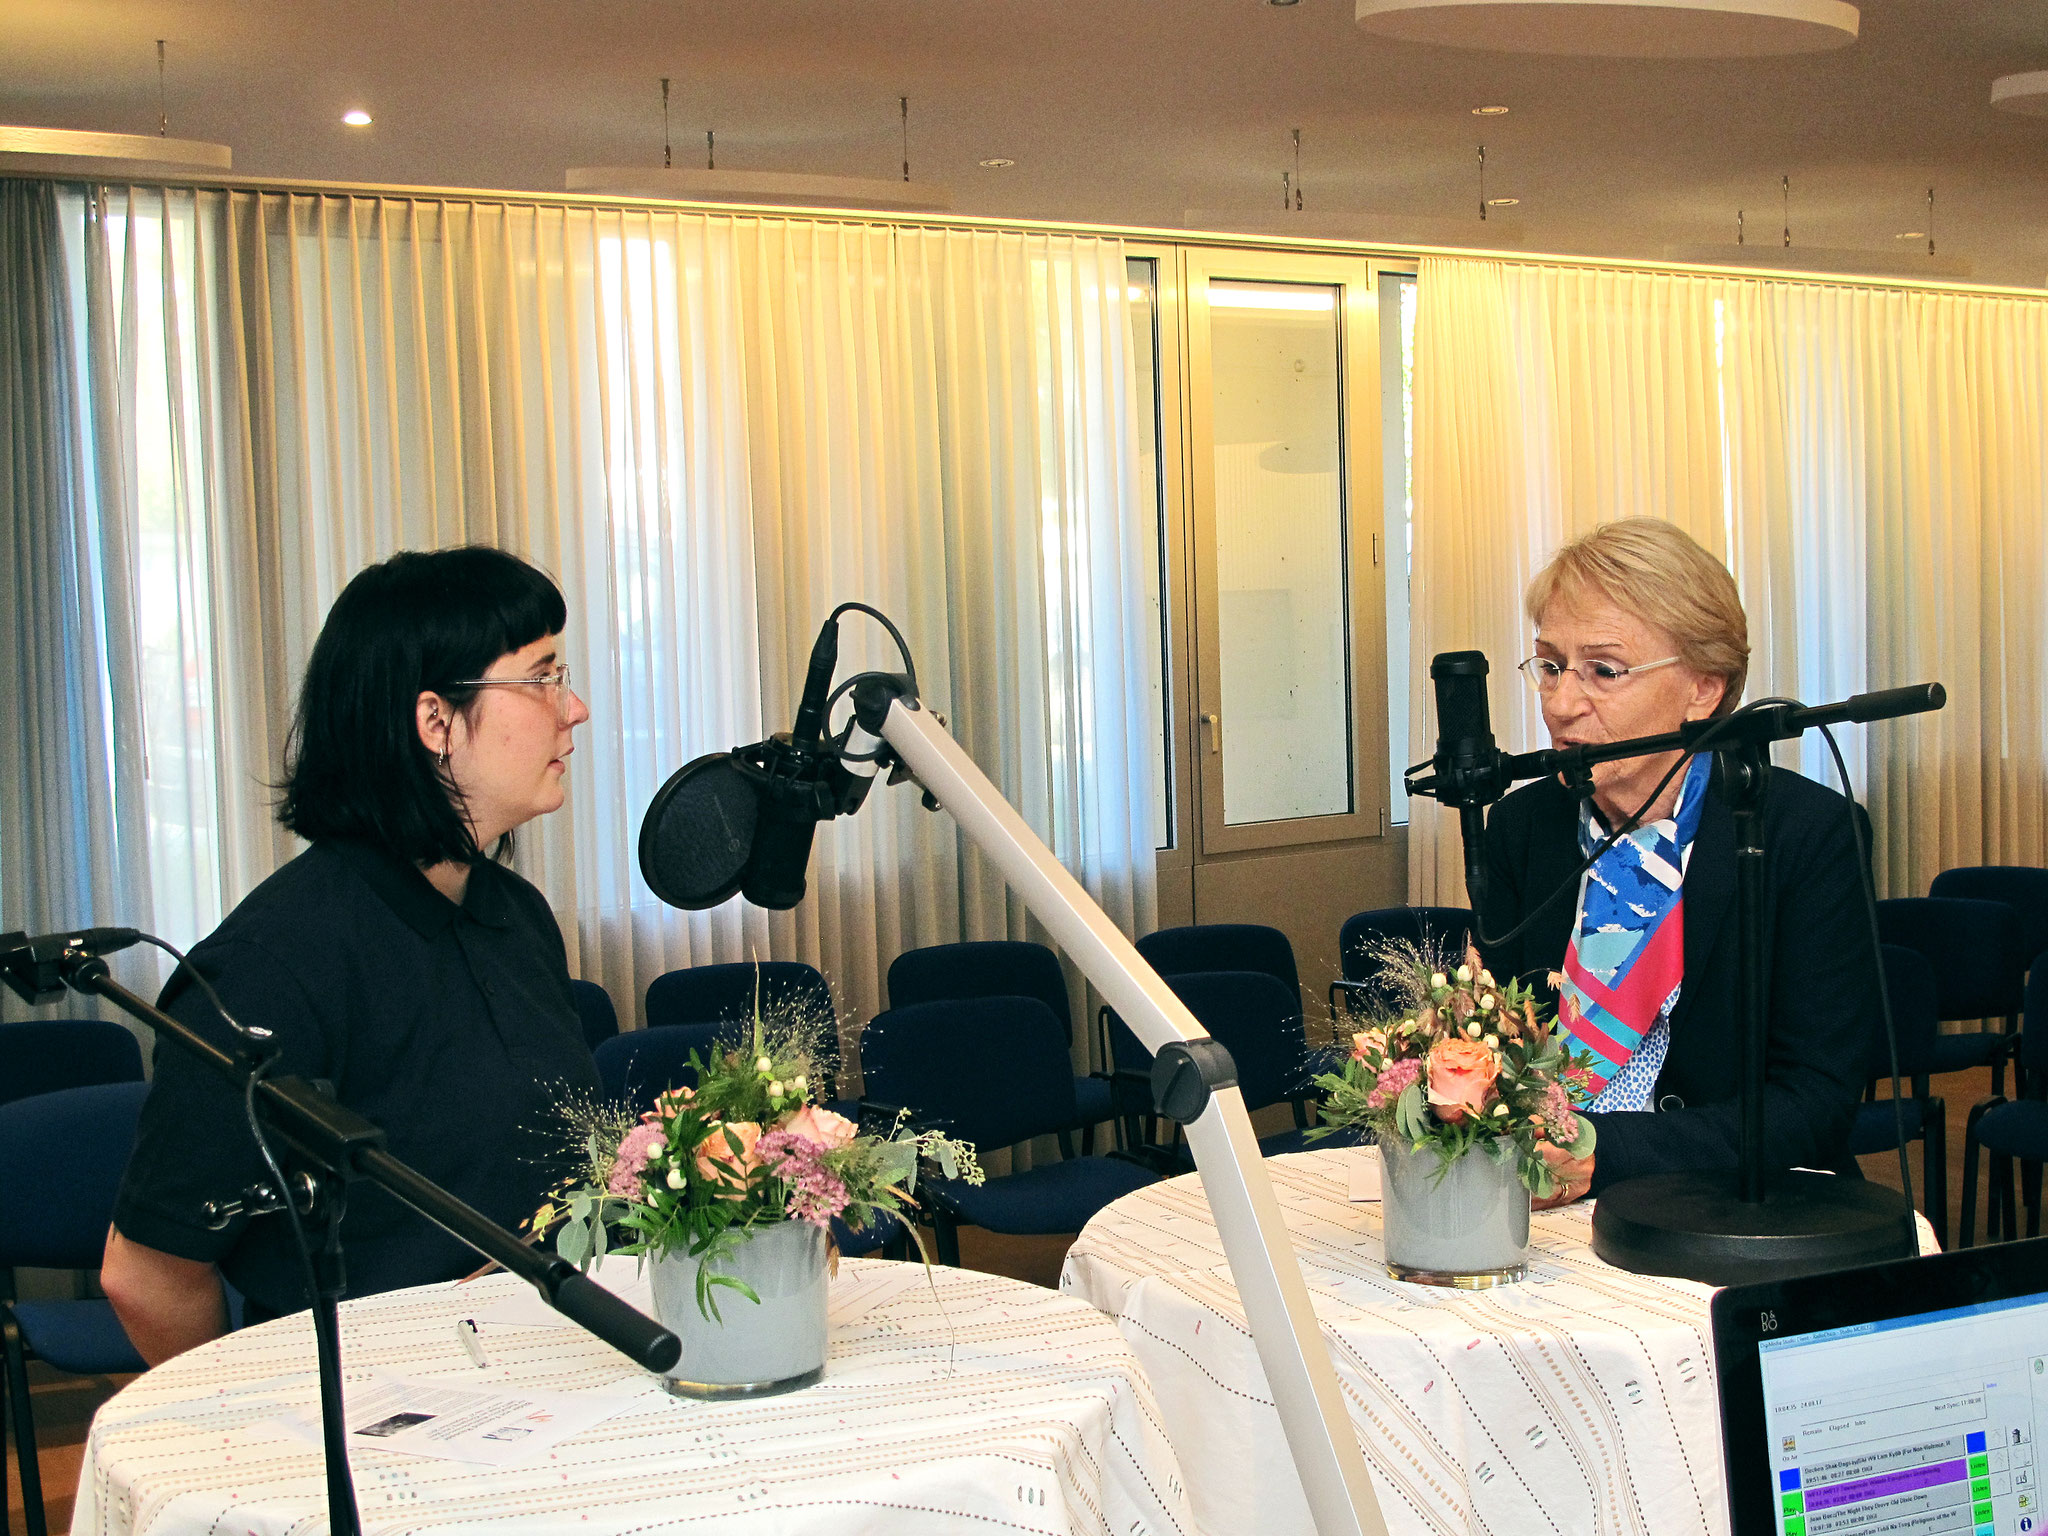 Emmauclulate Mieke im Gespräch mit Moderatorin Céline